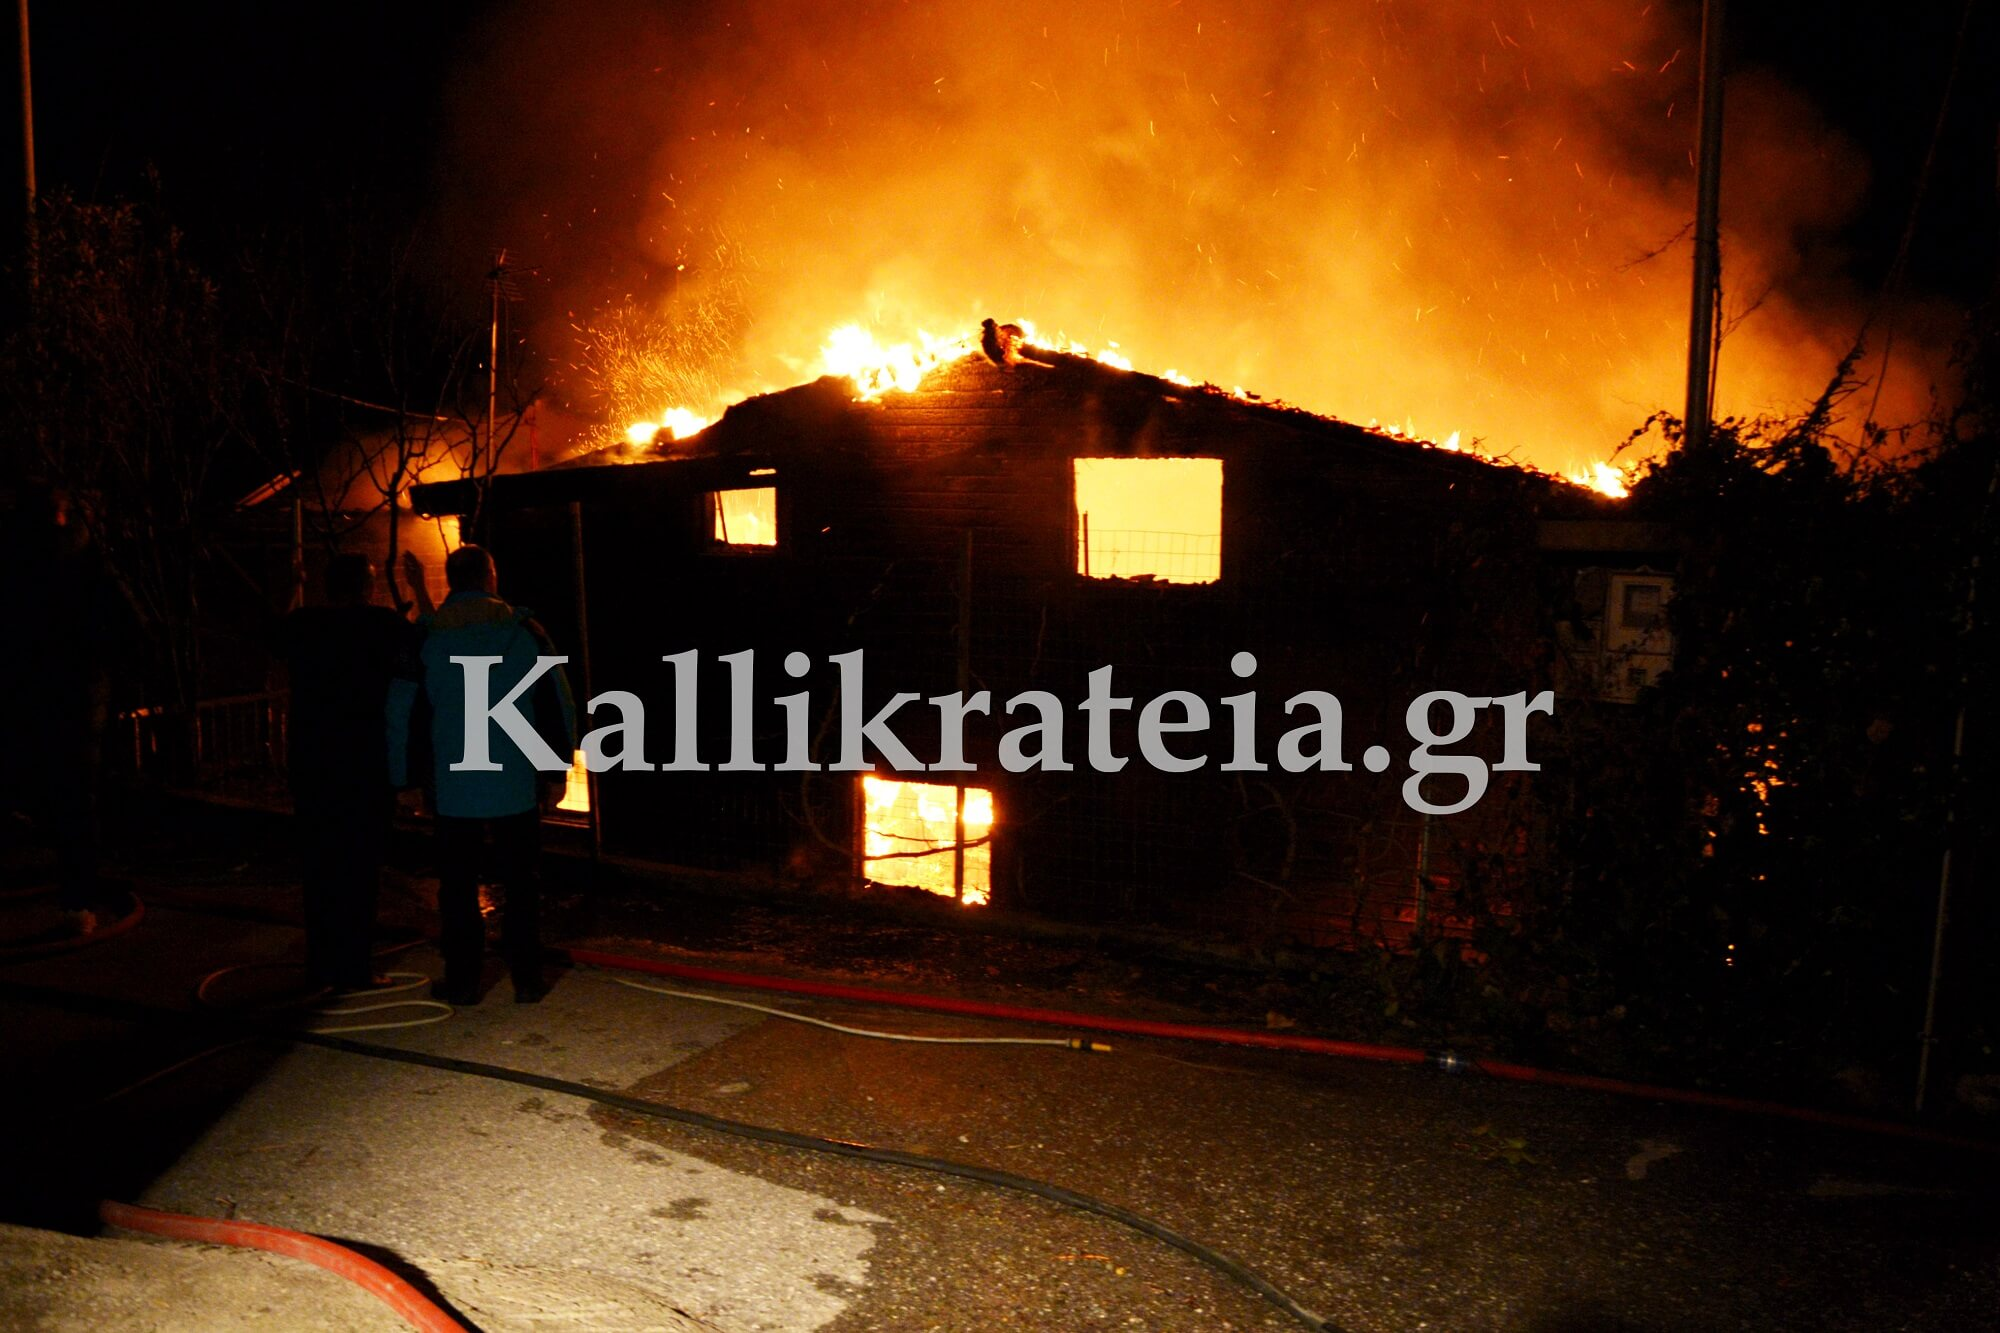 Πύρινη κόλαση! Φωτιά και εκρήξεις σε σπίτι στη Χαλκιδική – video